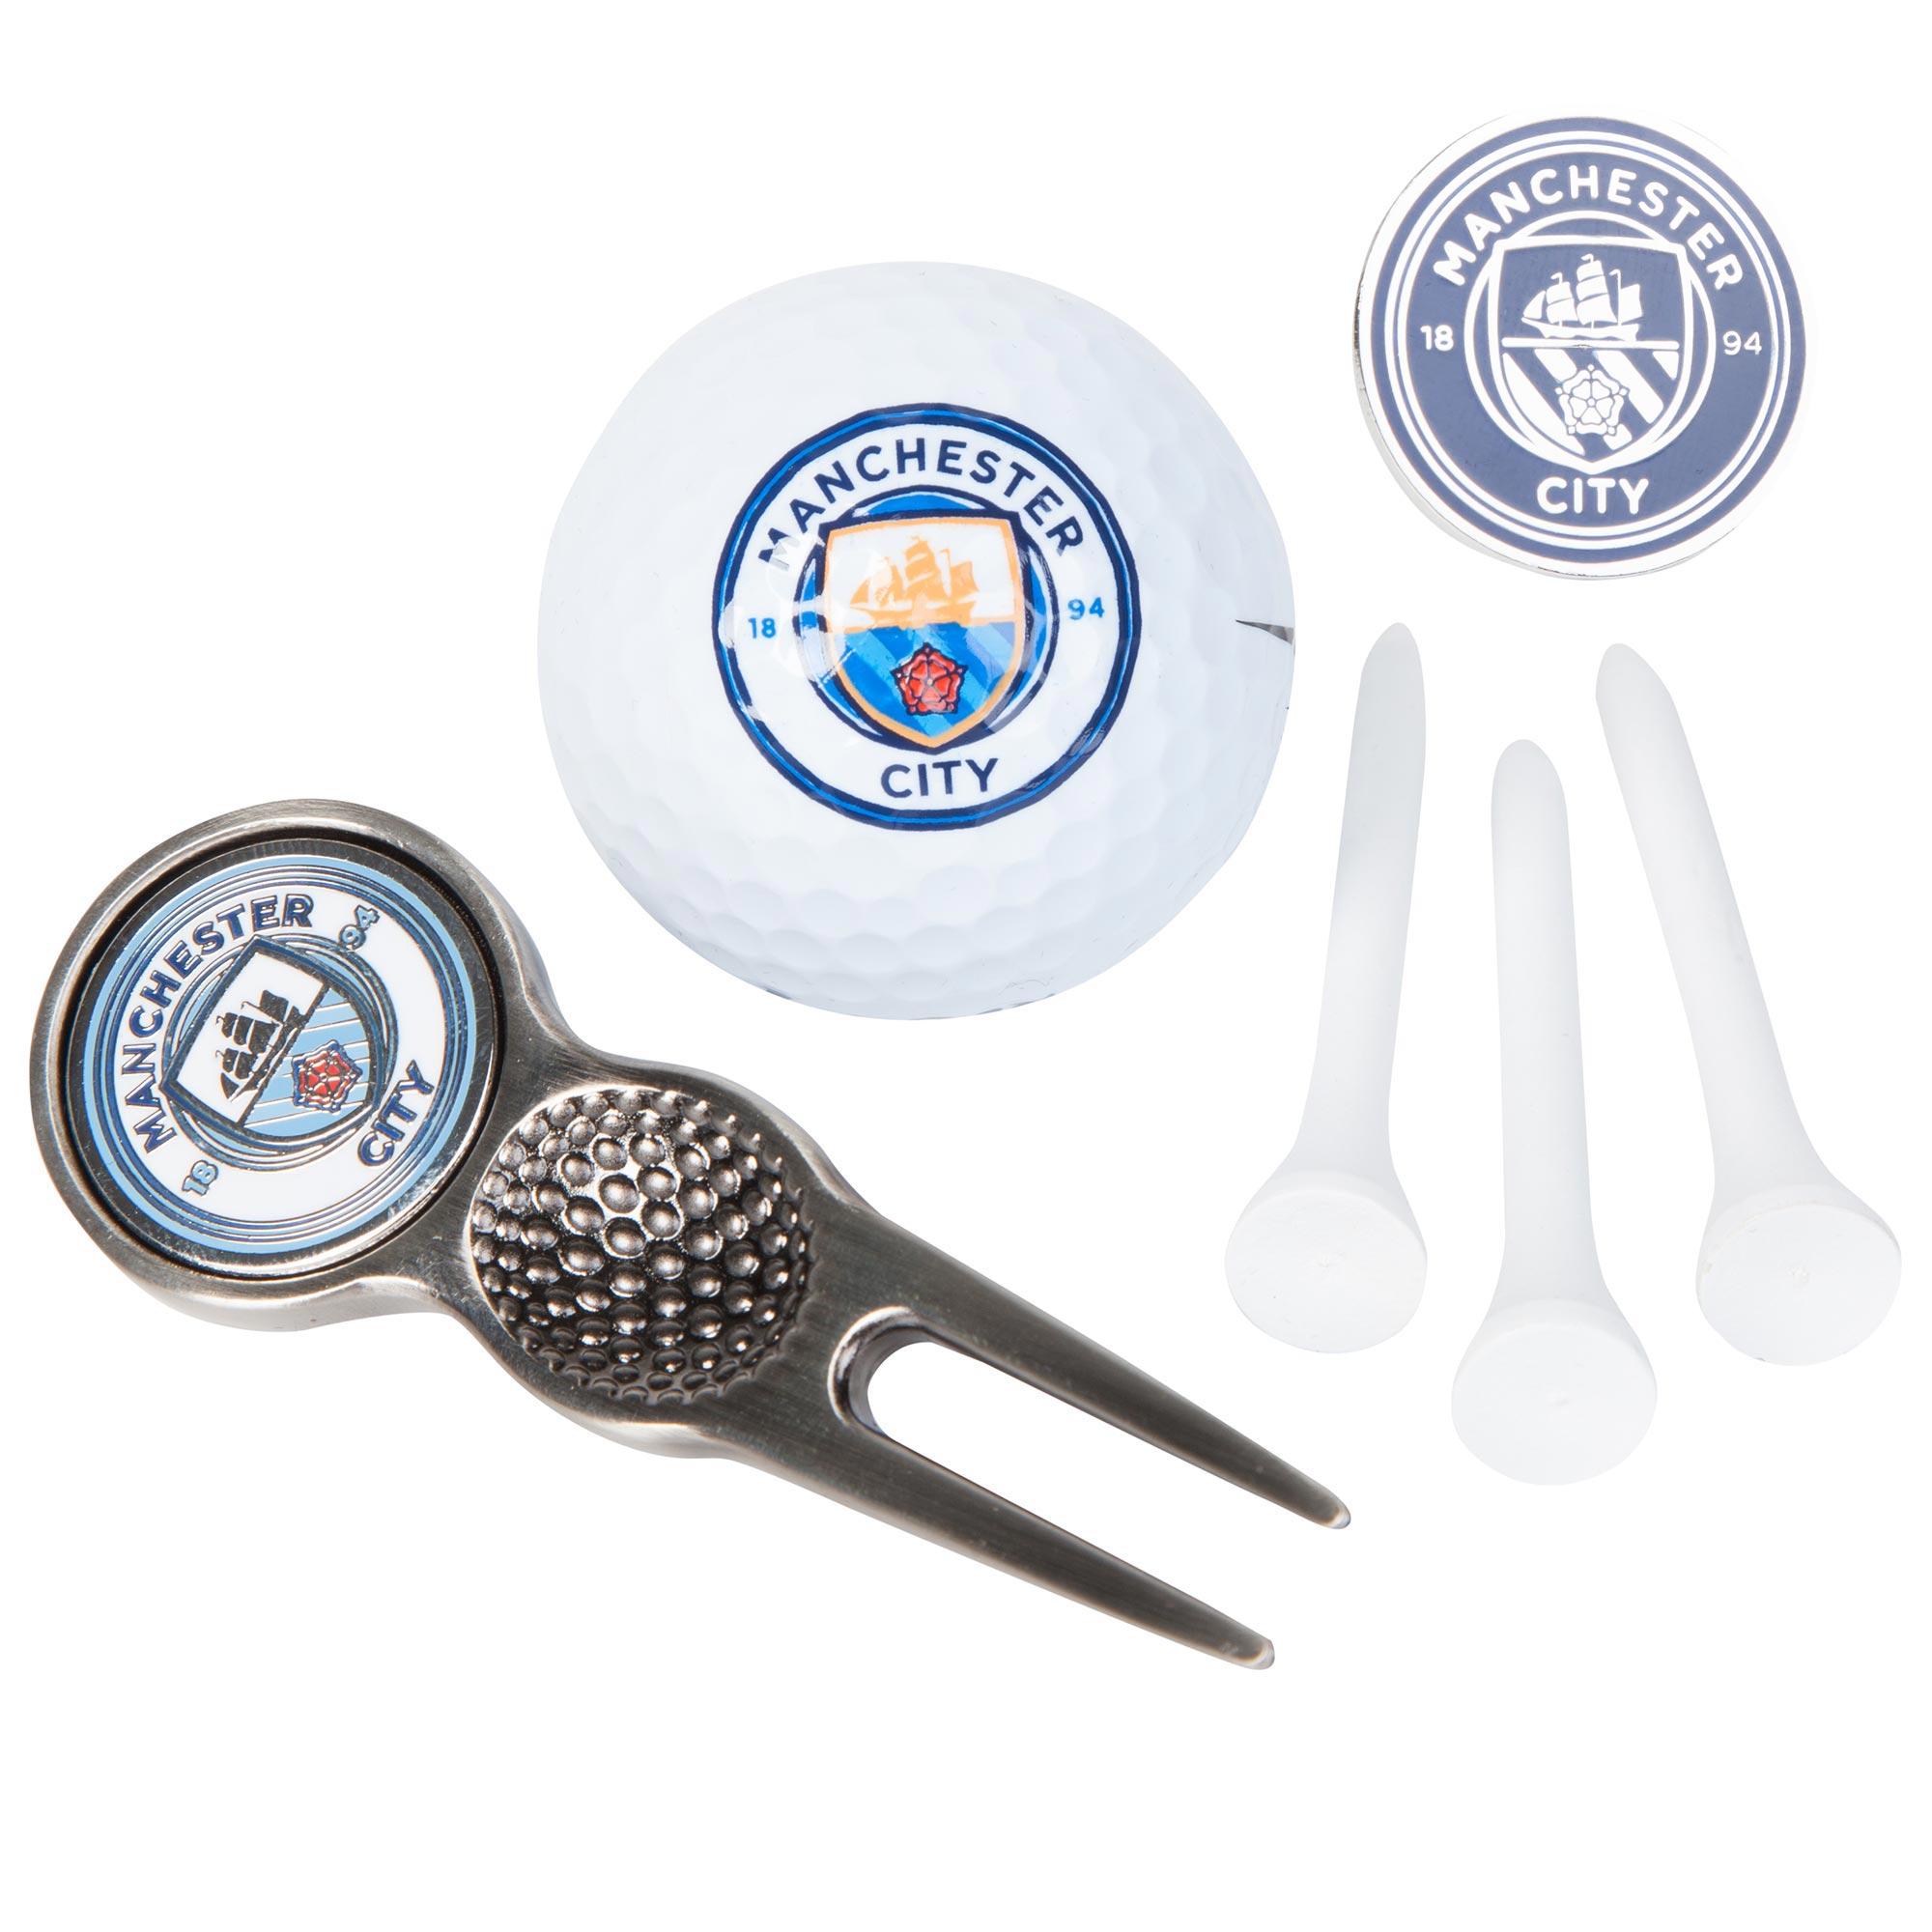 Manchester City Golf Gift Tube